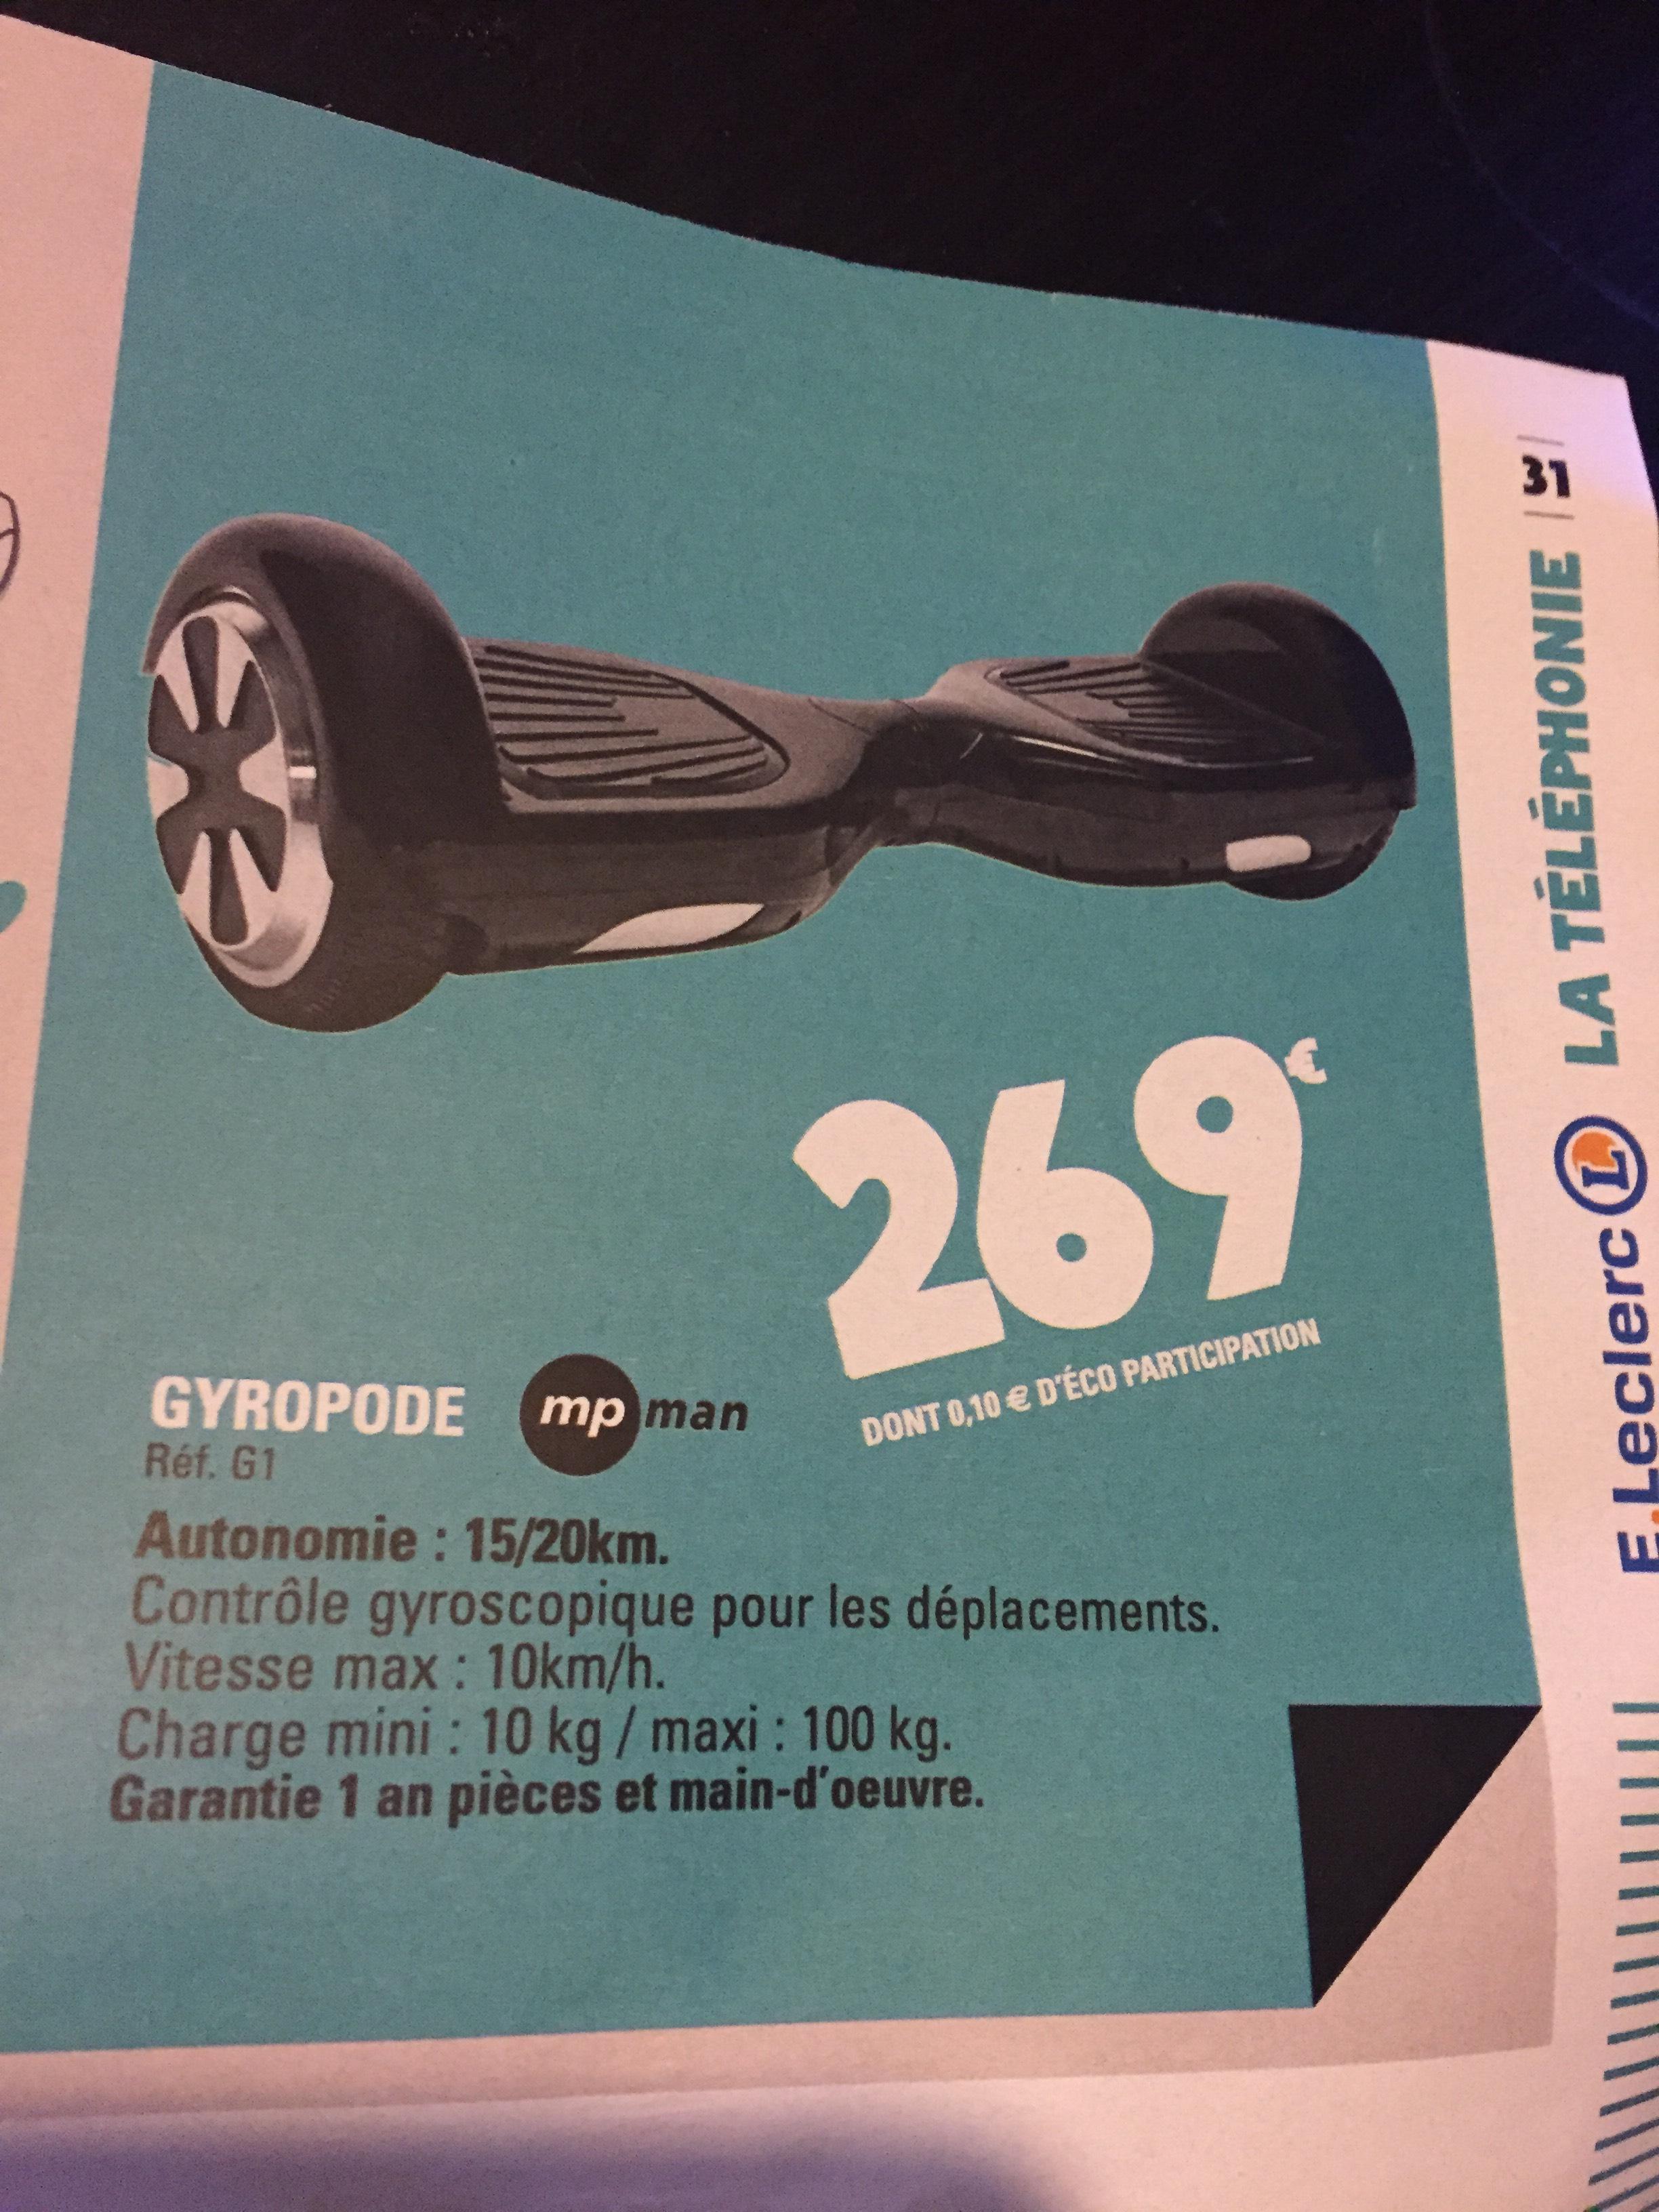 Gyropode Mpman